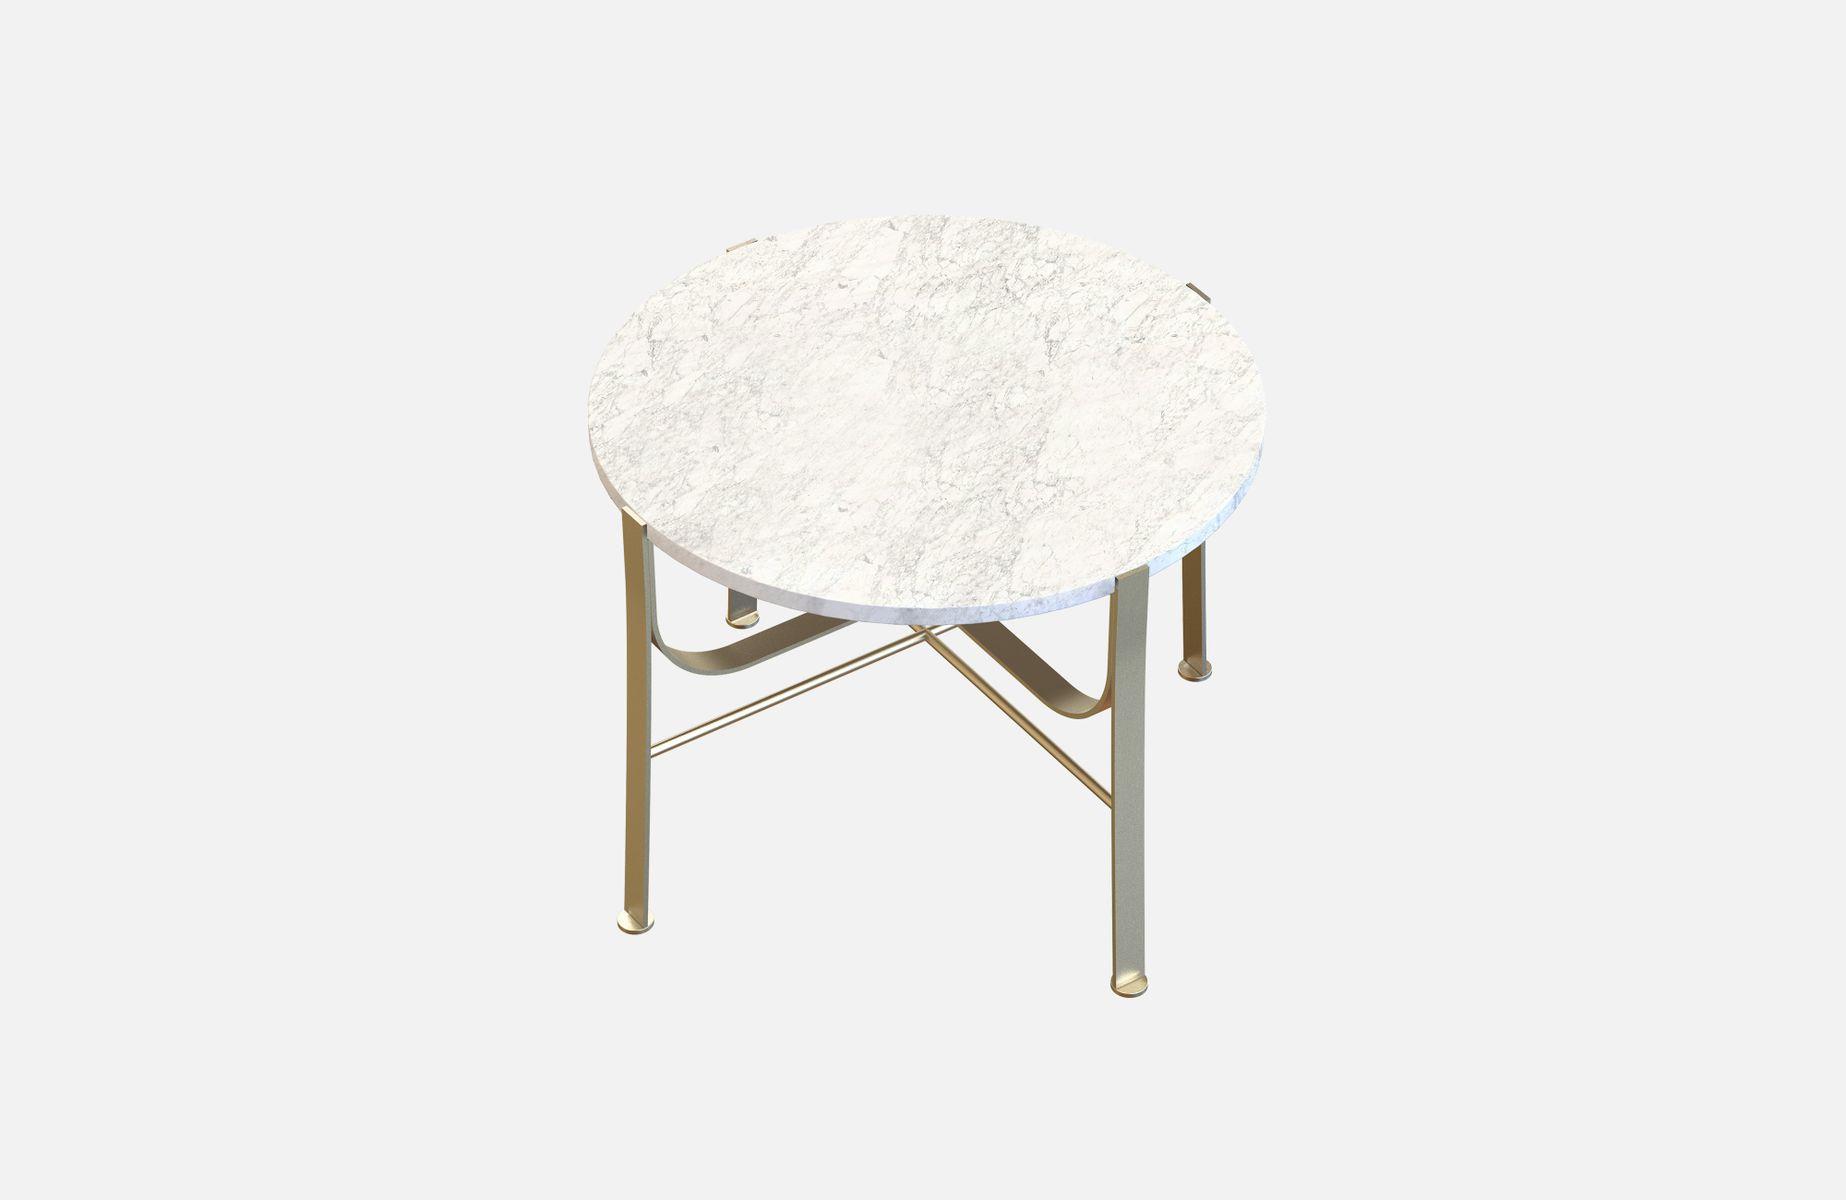 Vermessingter merge couchtisch mit wei er marmorplatte von alex baser f r miist bei pamono kaufen - Couchtisch mit marmorplatte ...